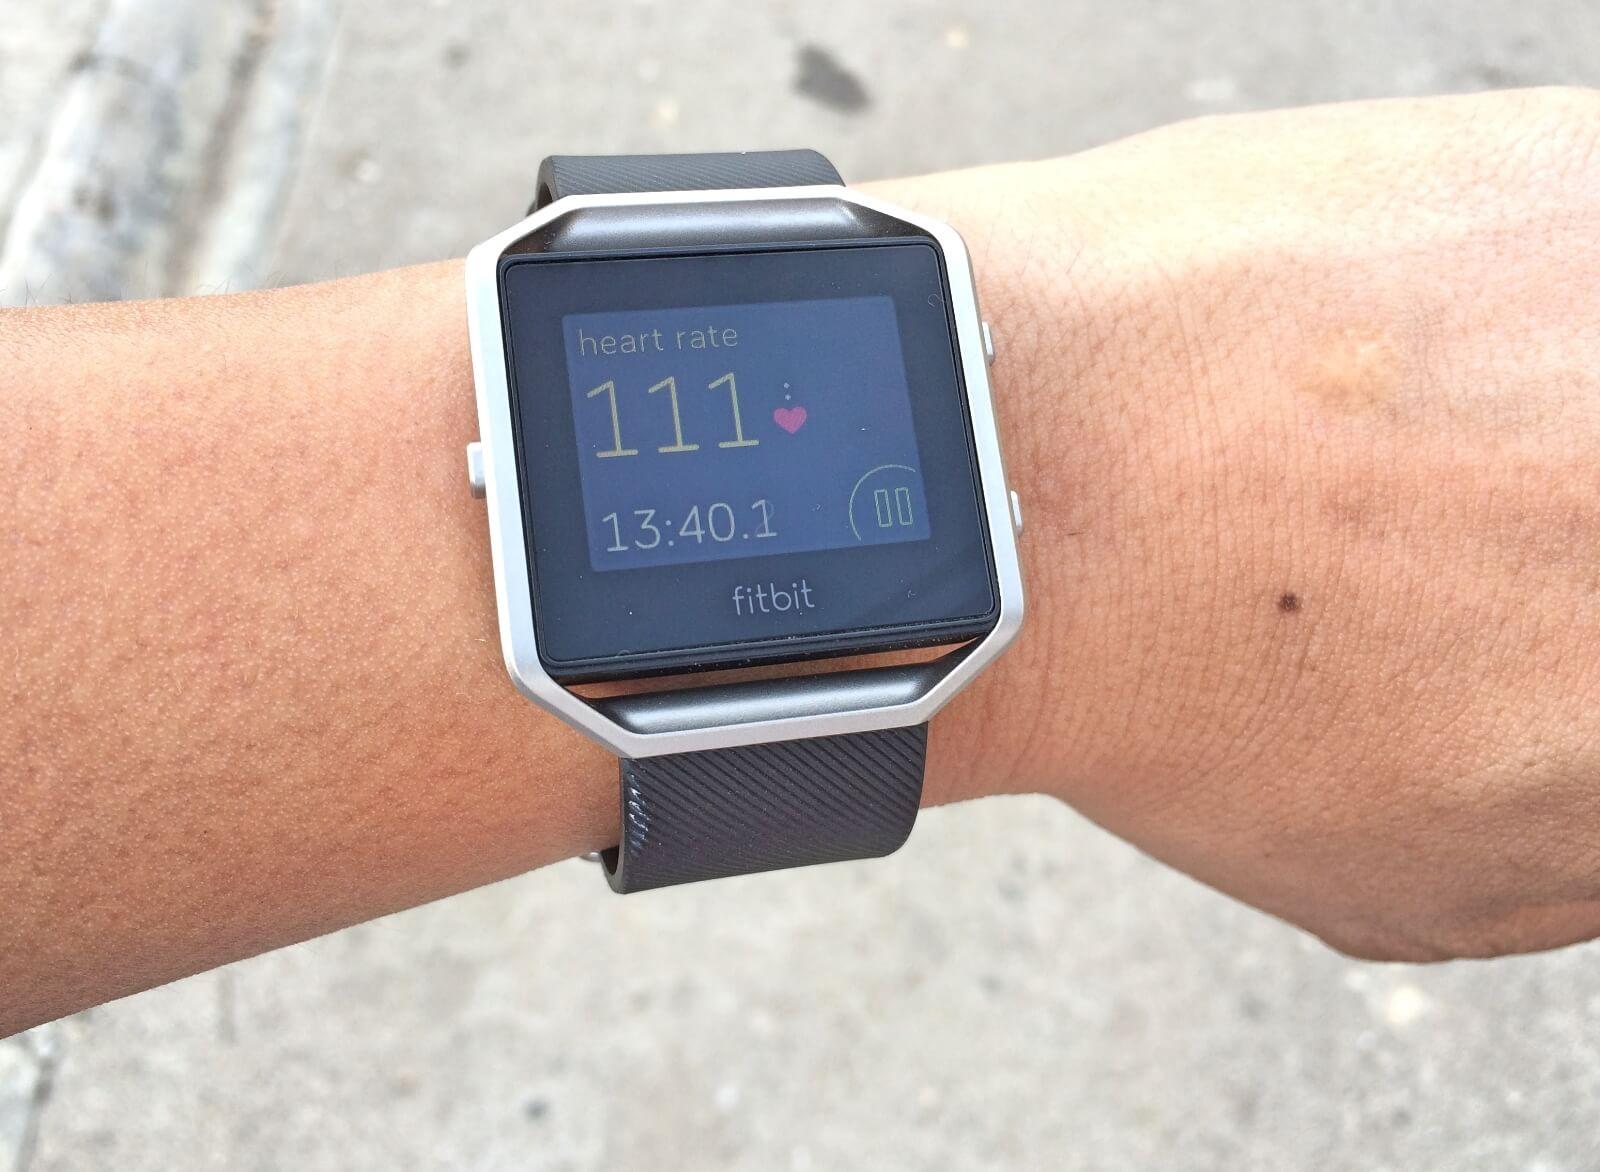 Fitbit Blaze heart monitor